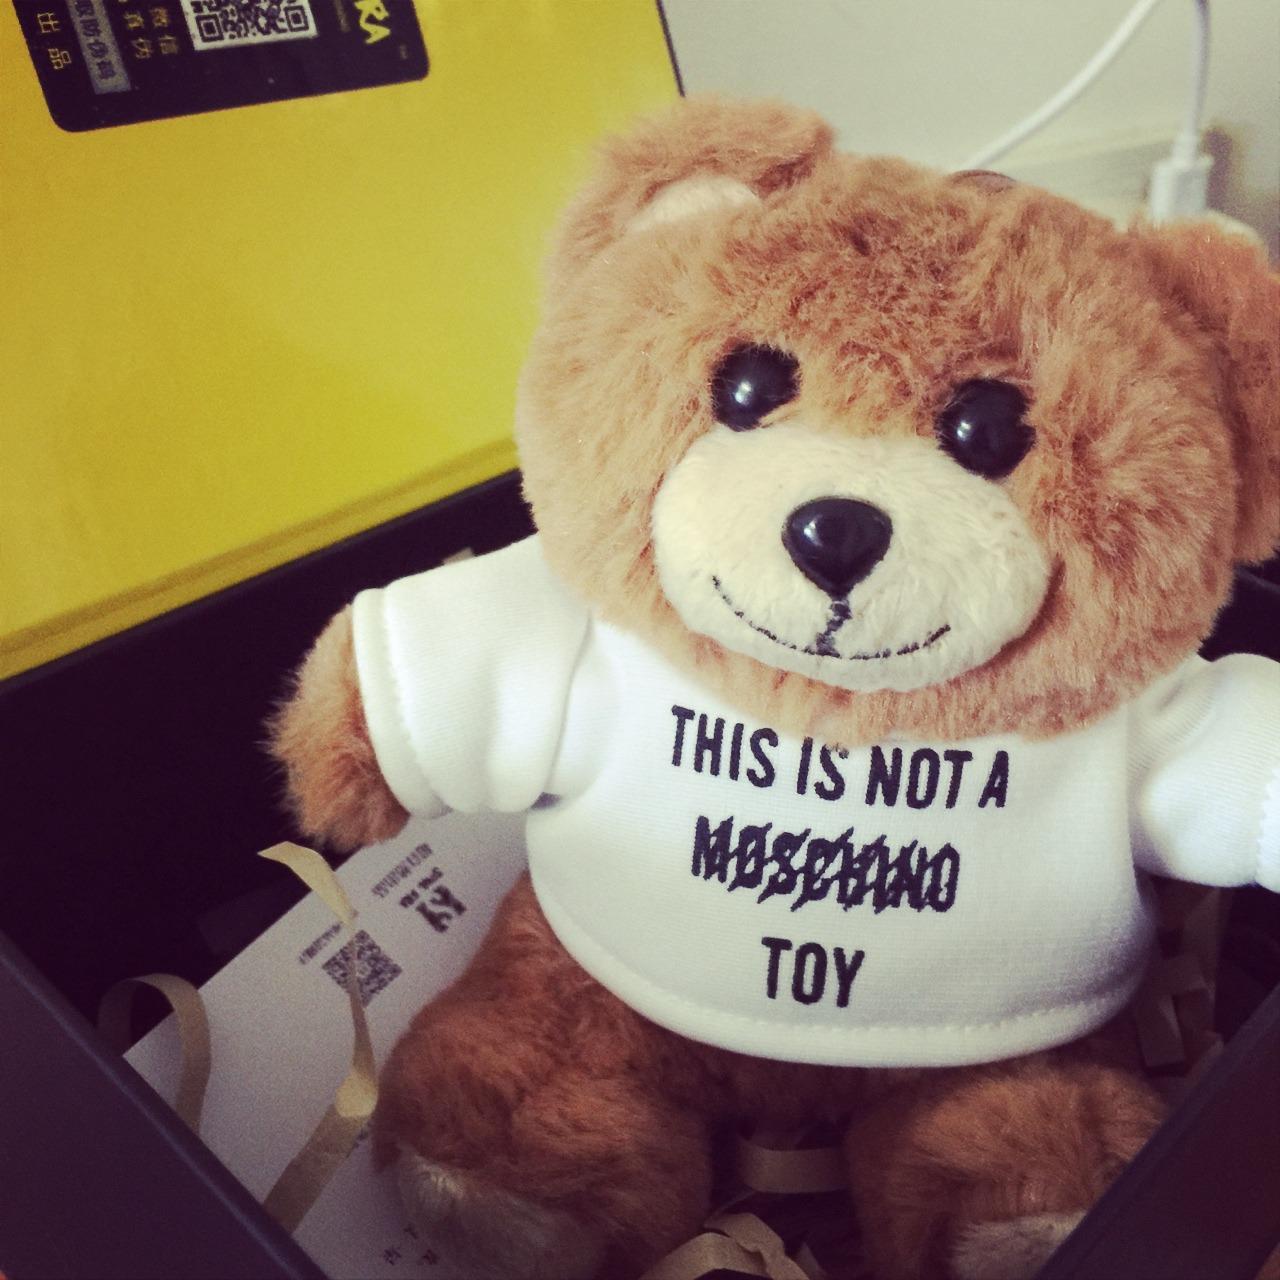 嘻嘻moschino小熊充电宝 最近它是不是很火